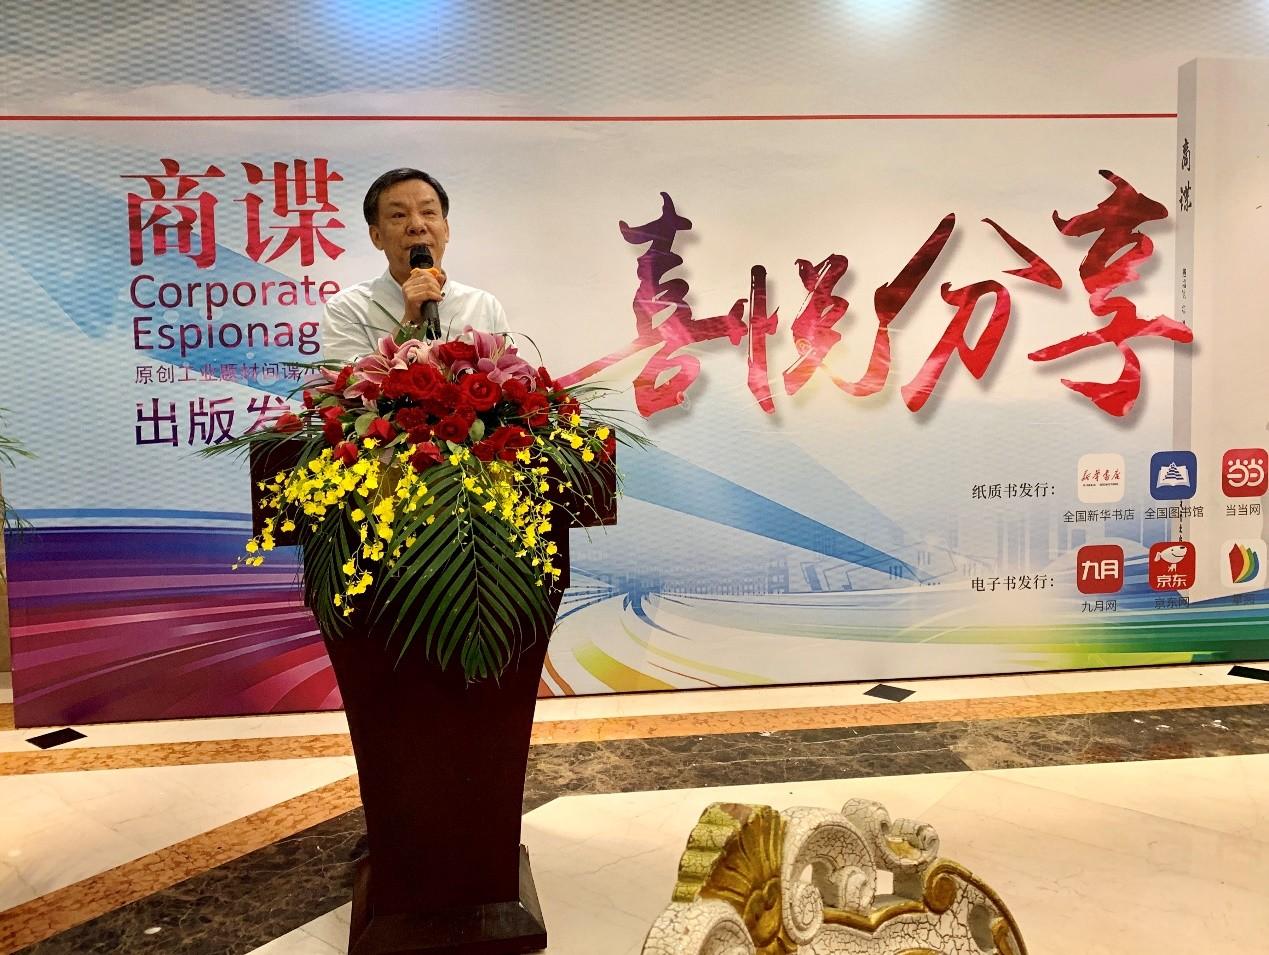 沪上儒商戴培钧先生的商战传奇小说《商谍》隆重问世!